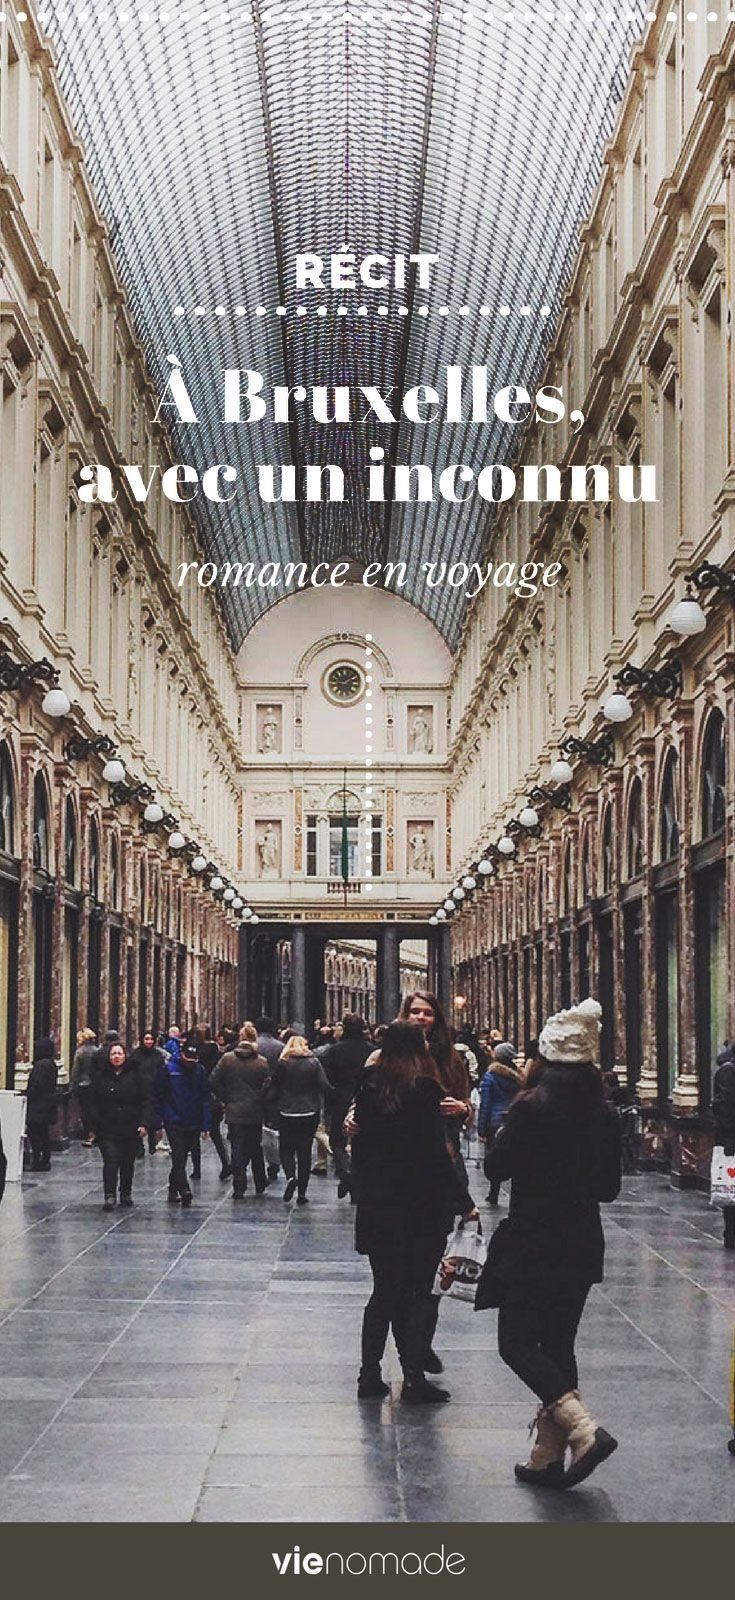 A Bruxelles Avec Un Inconnu Une Romance Belge Voyage Romantique Vacances En Belgique Voyage Europe